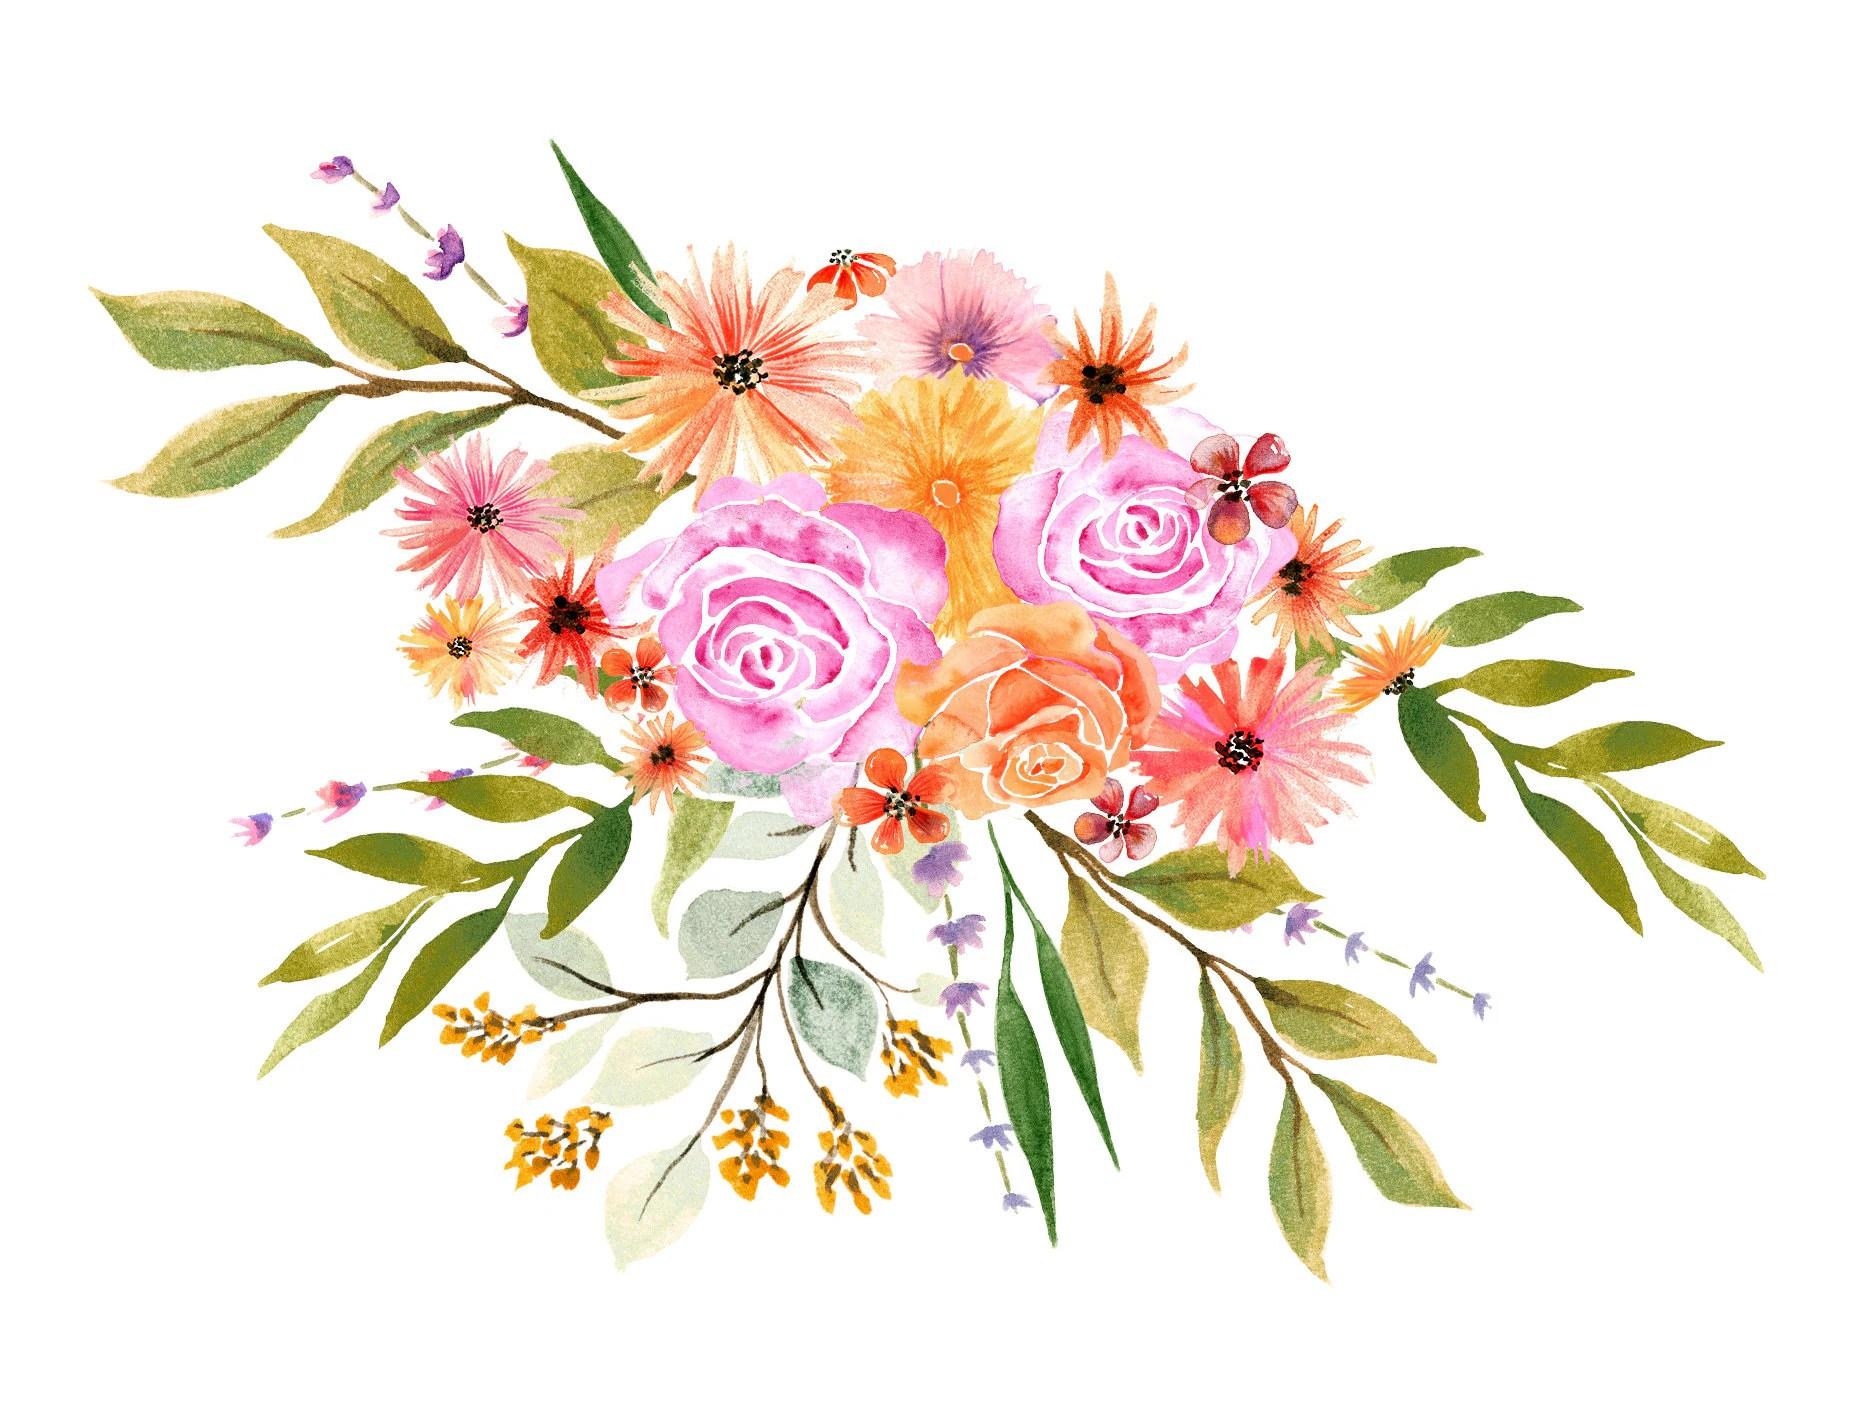 Watercolor Autumn Flowers Bouquet Watercolor Clipart